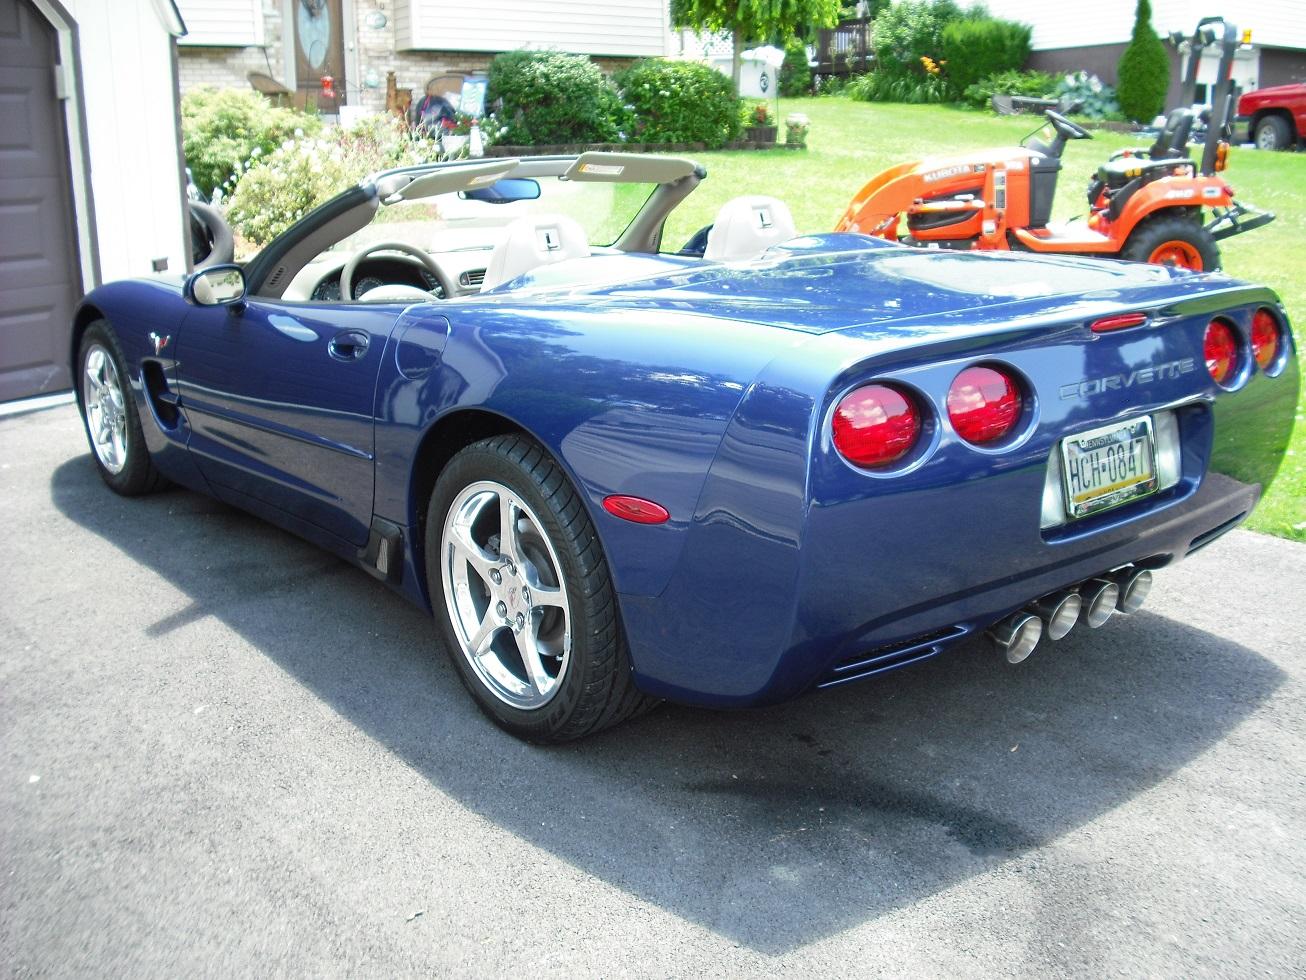 2004 Chevrolet Corvette Pictures Cargurus